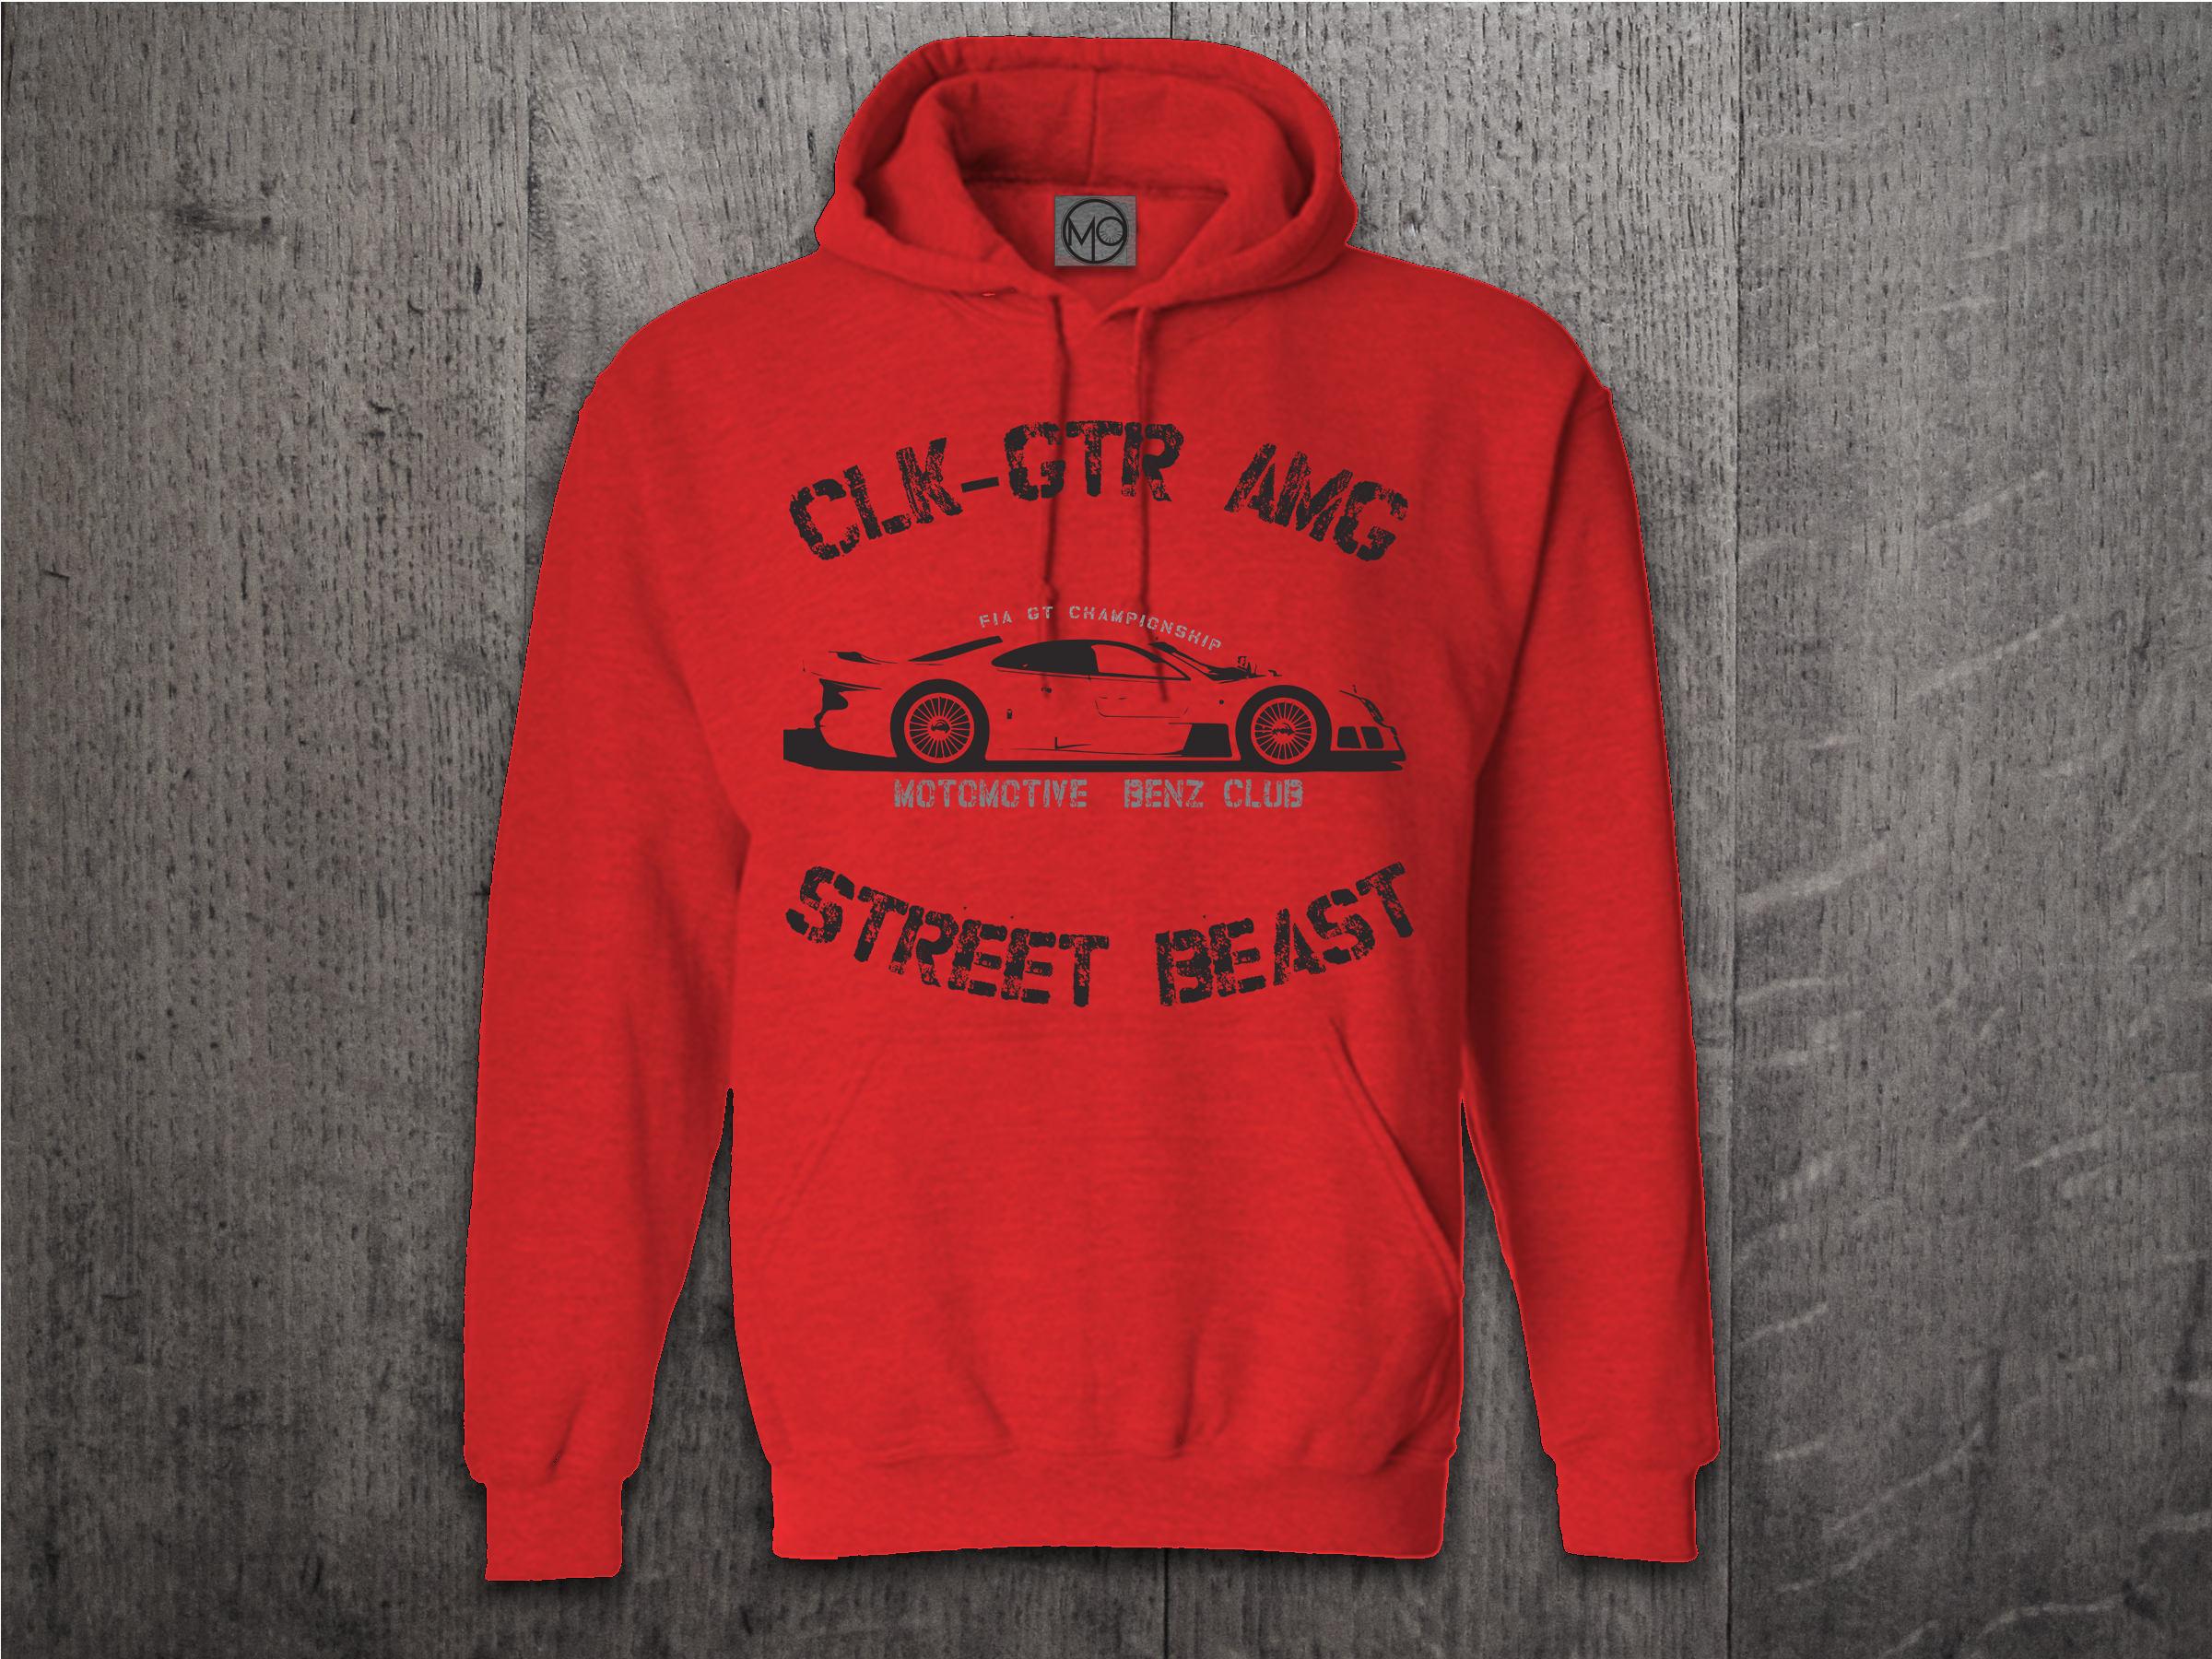 Clk gtr hoodie cars hoodies mercedes benz hoodies for Mercedes benz hoodie